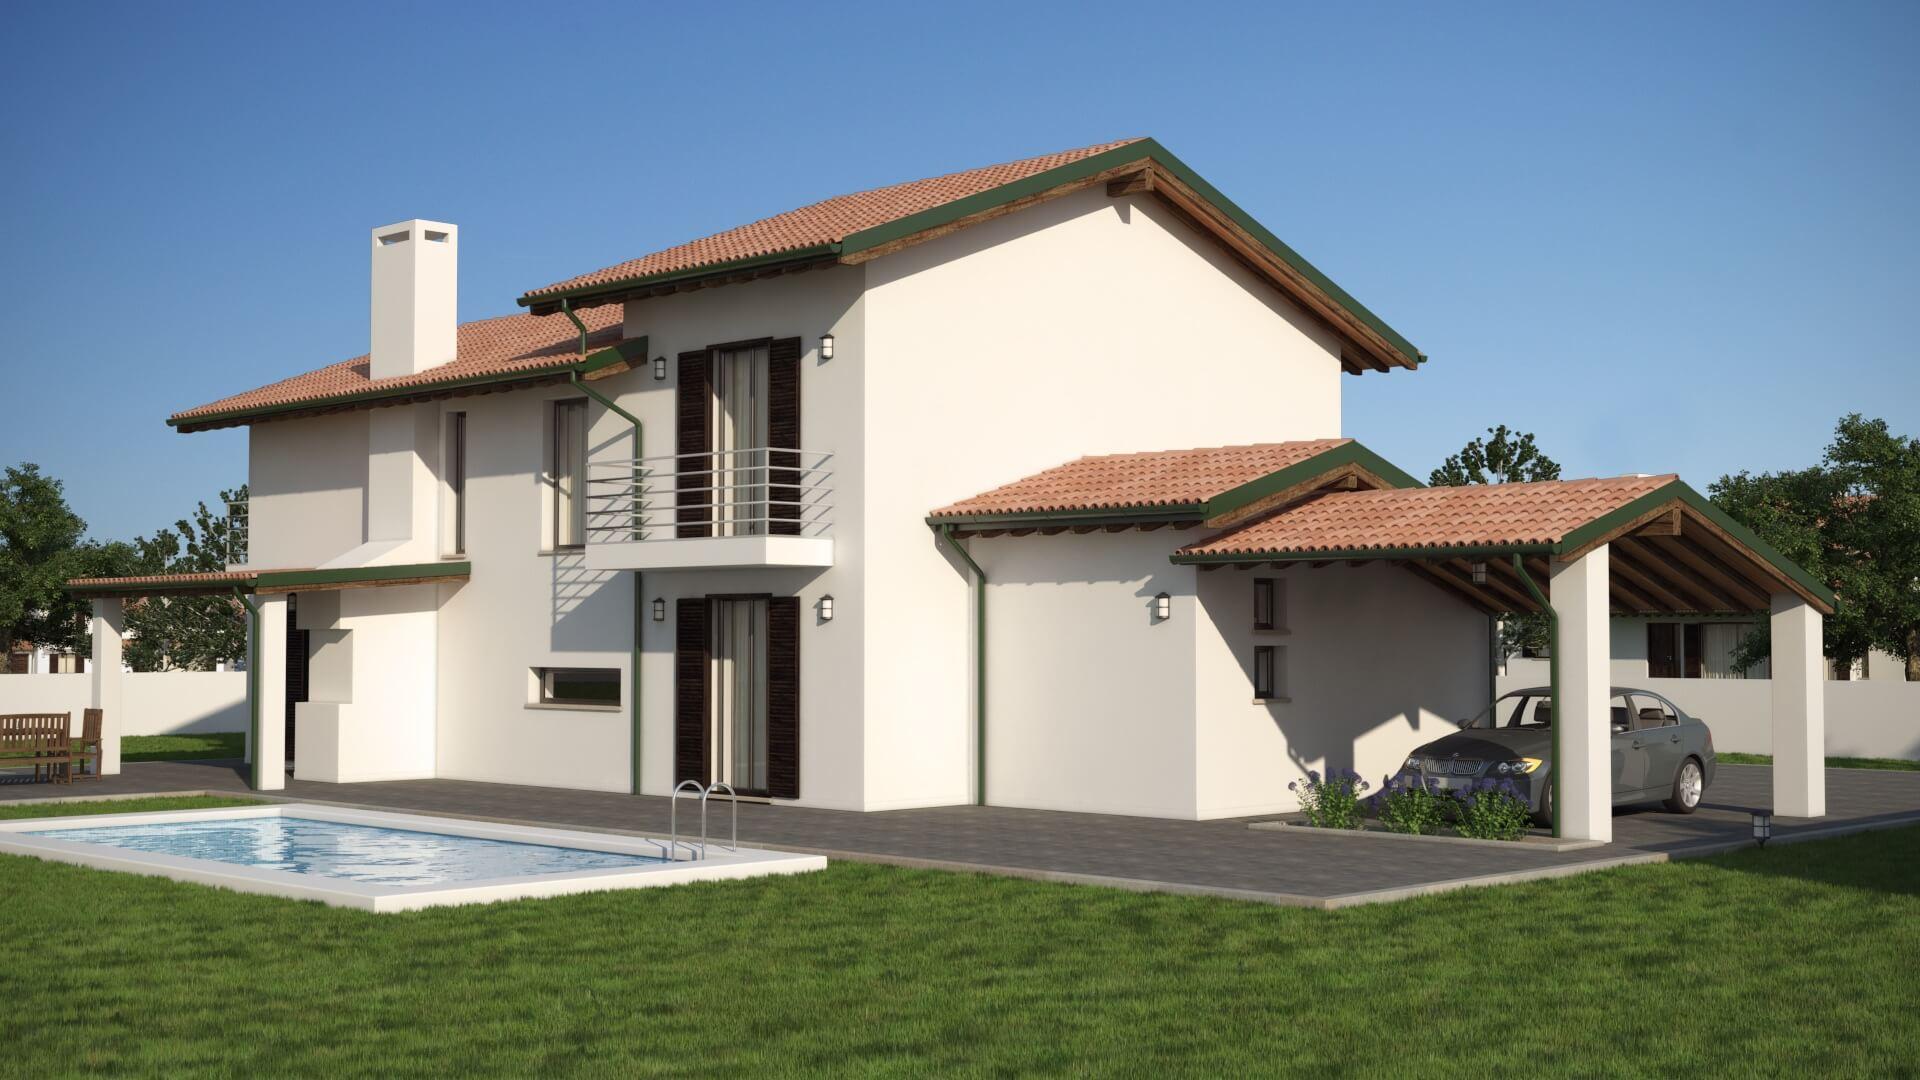 Casa in legno bipiano urb11 urban green for Progetto casa moderna nuova costruzione